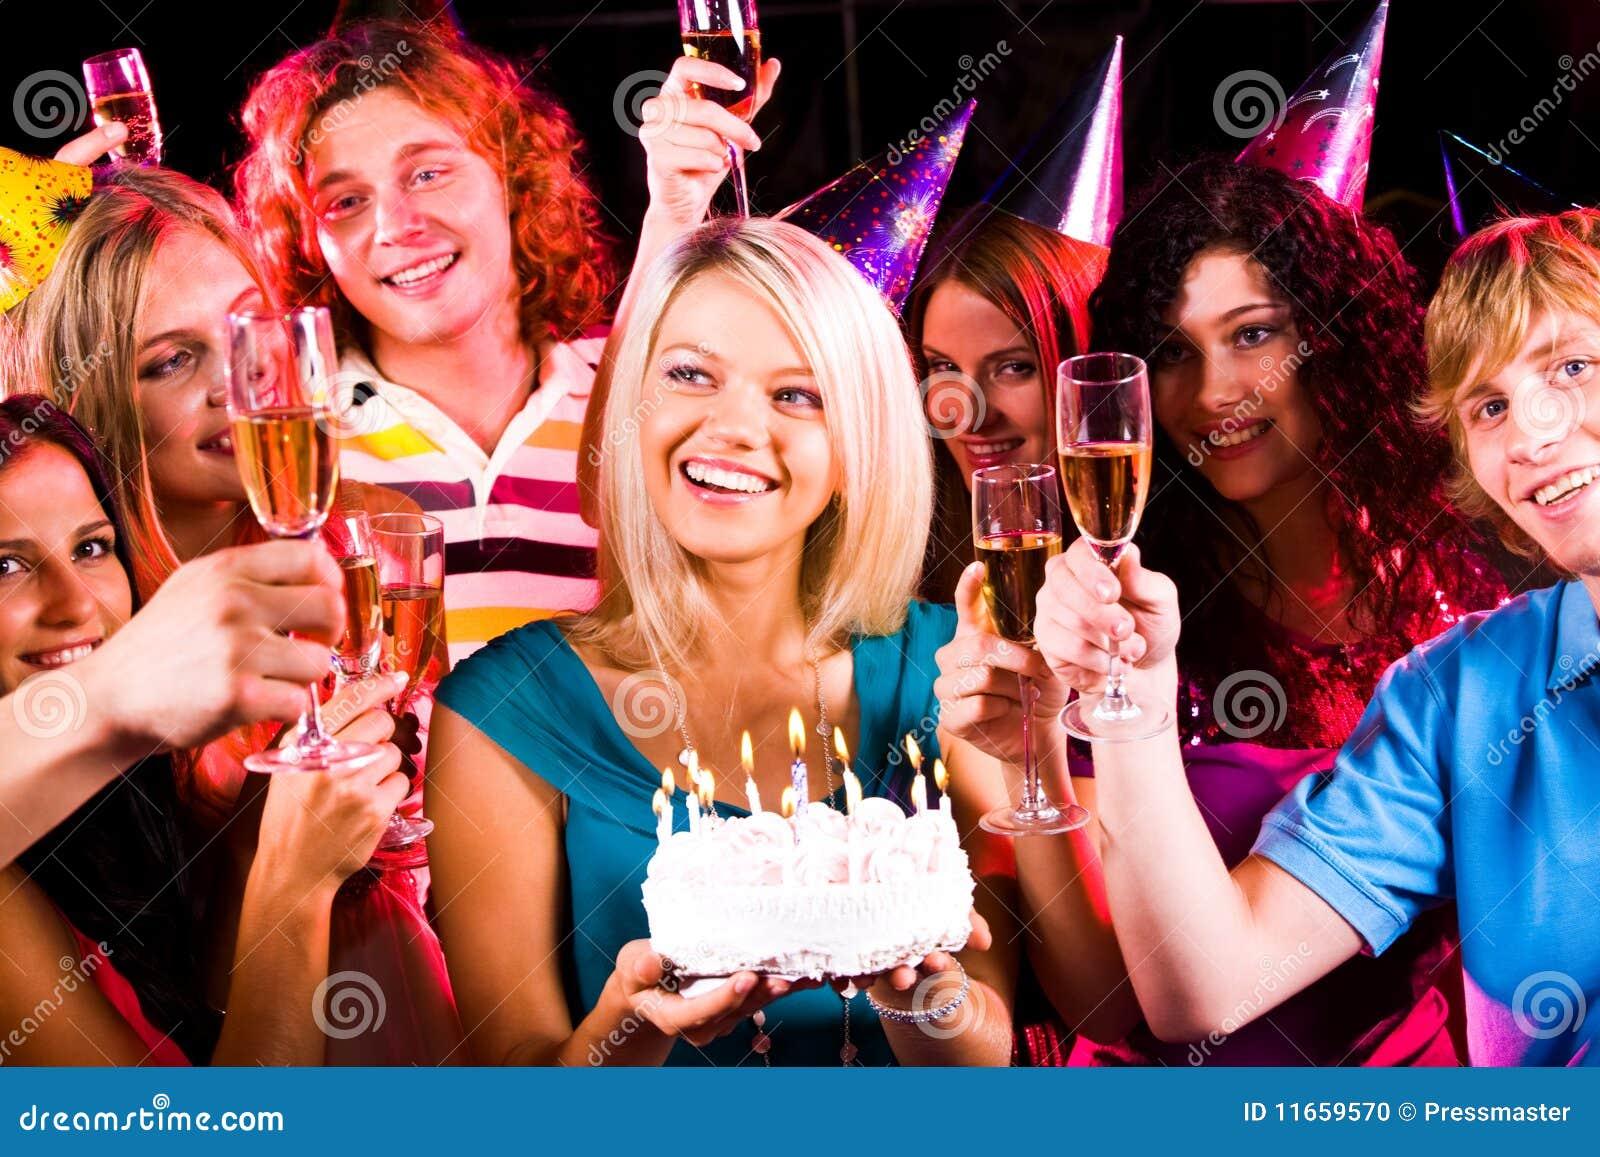 плата за проезд дня рождения